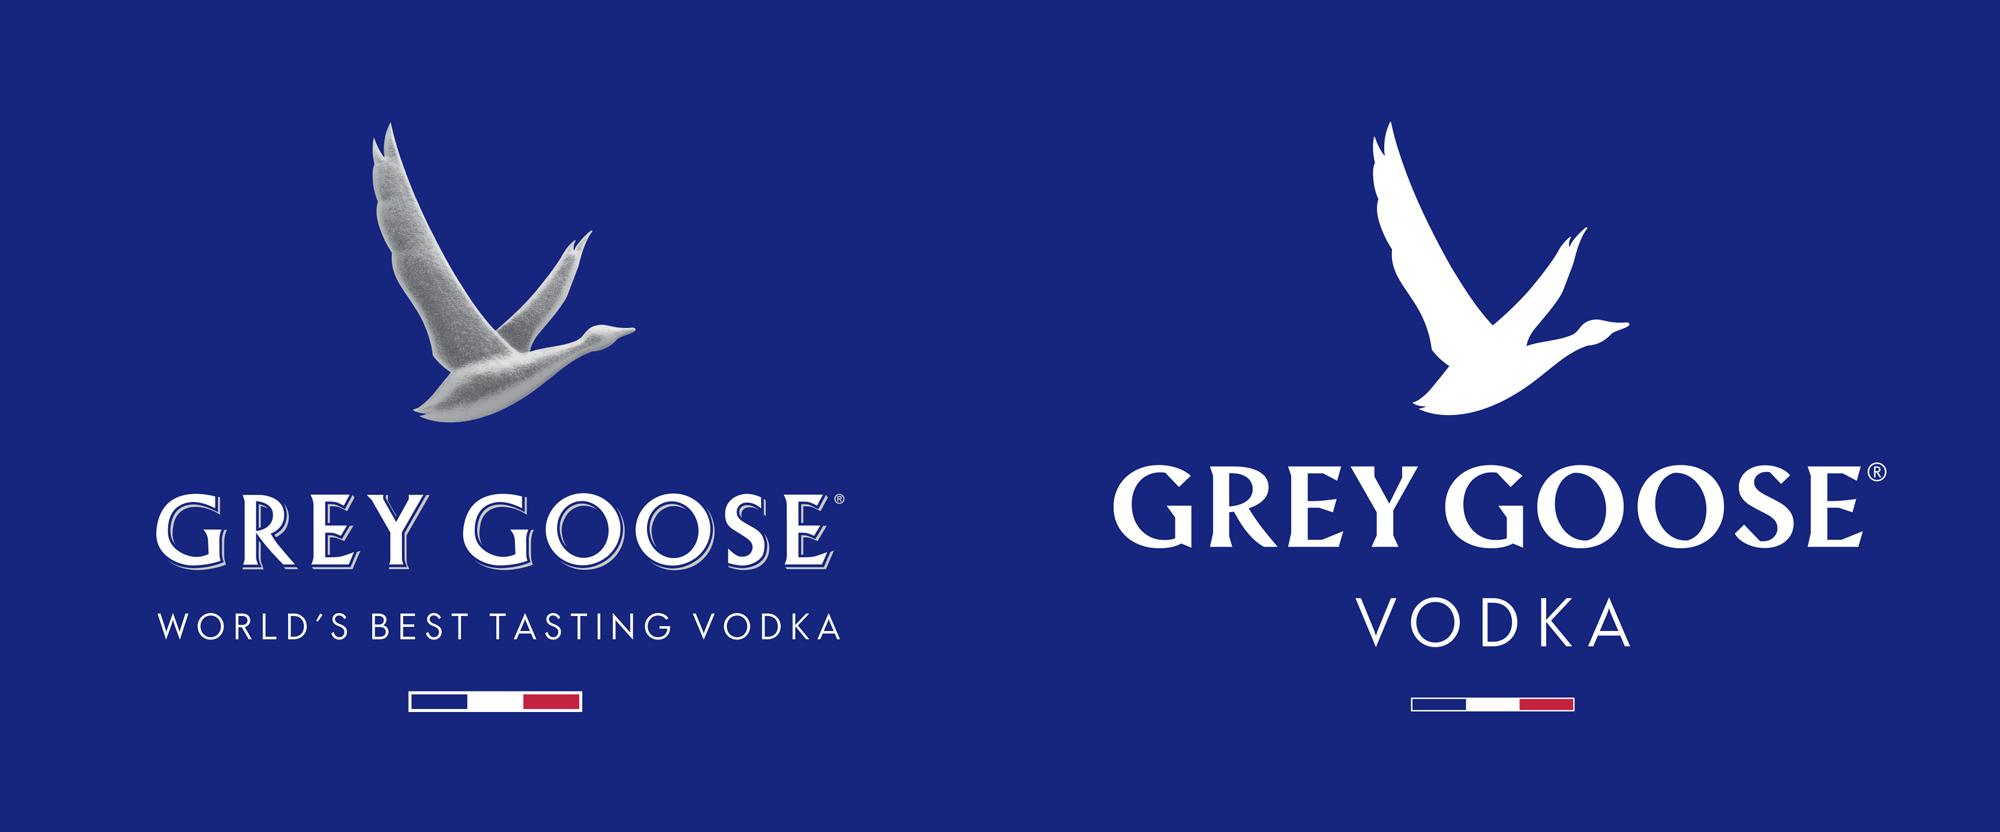 grey_goose_logo_before_after Grey Goose restyling - quando l'oca volò sul nido del cucolo!